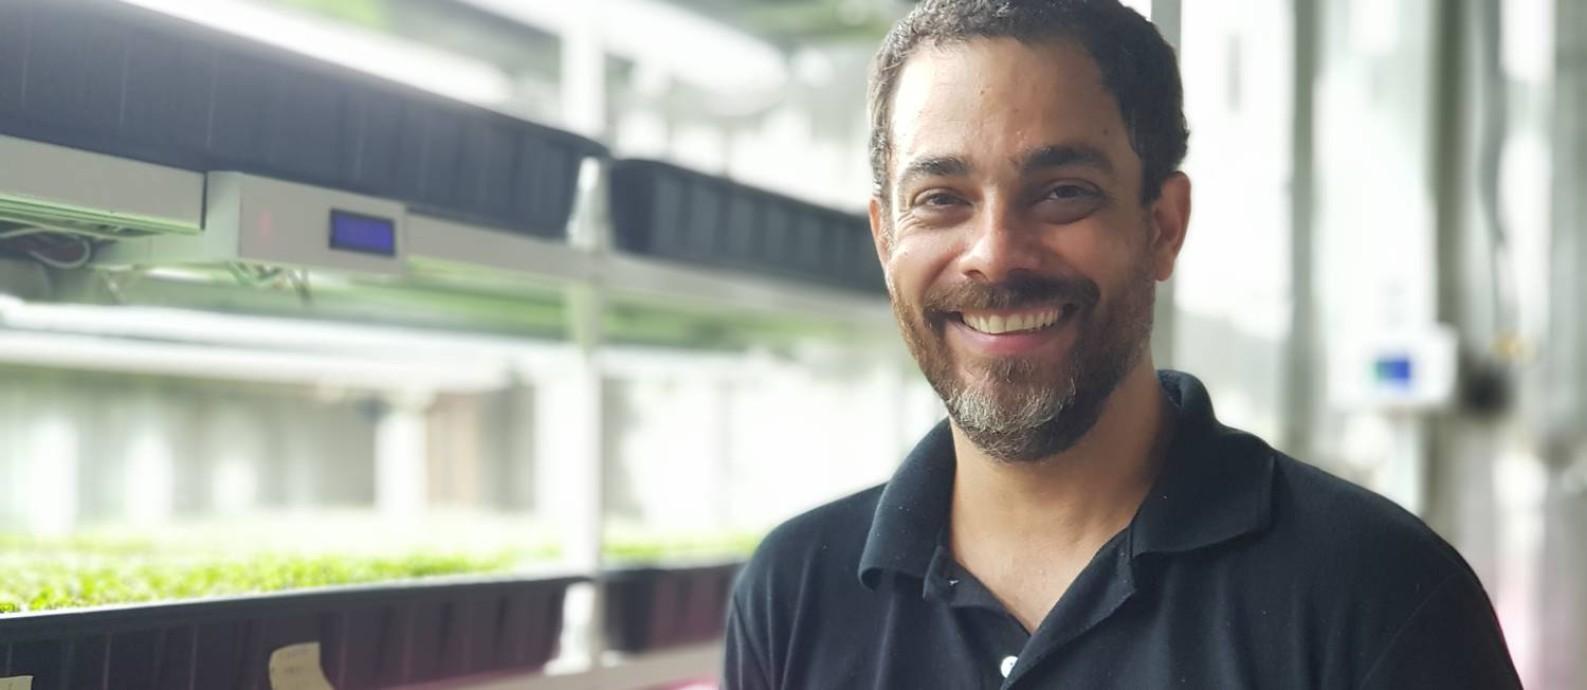 Rodrigo Meyer usa contêineres instalados em Guaratiba, Zona Oeste do Rio Foto: Sérgio Matsuura / O Globo